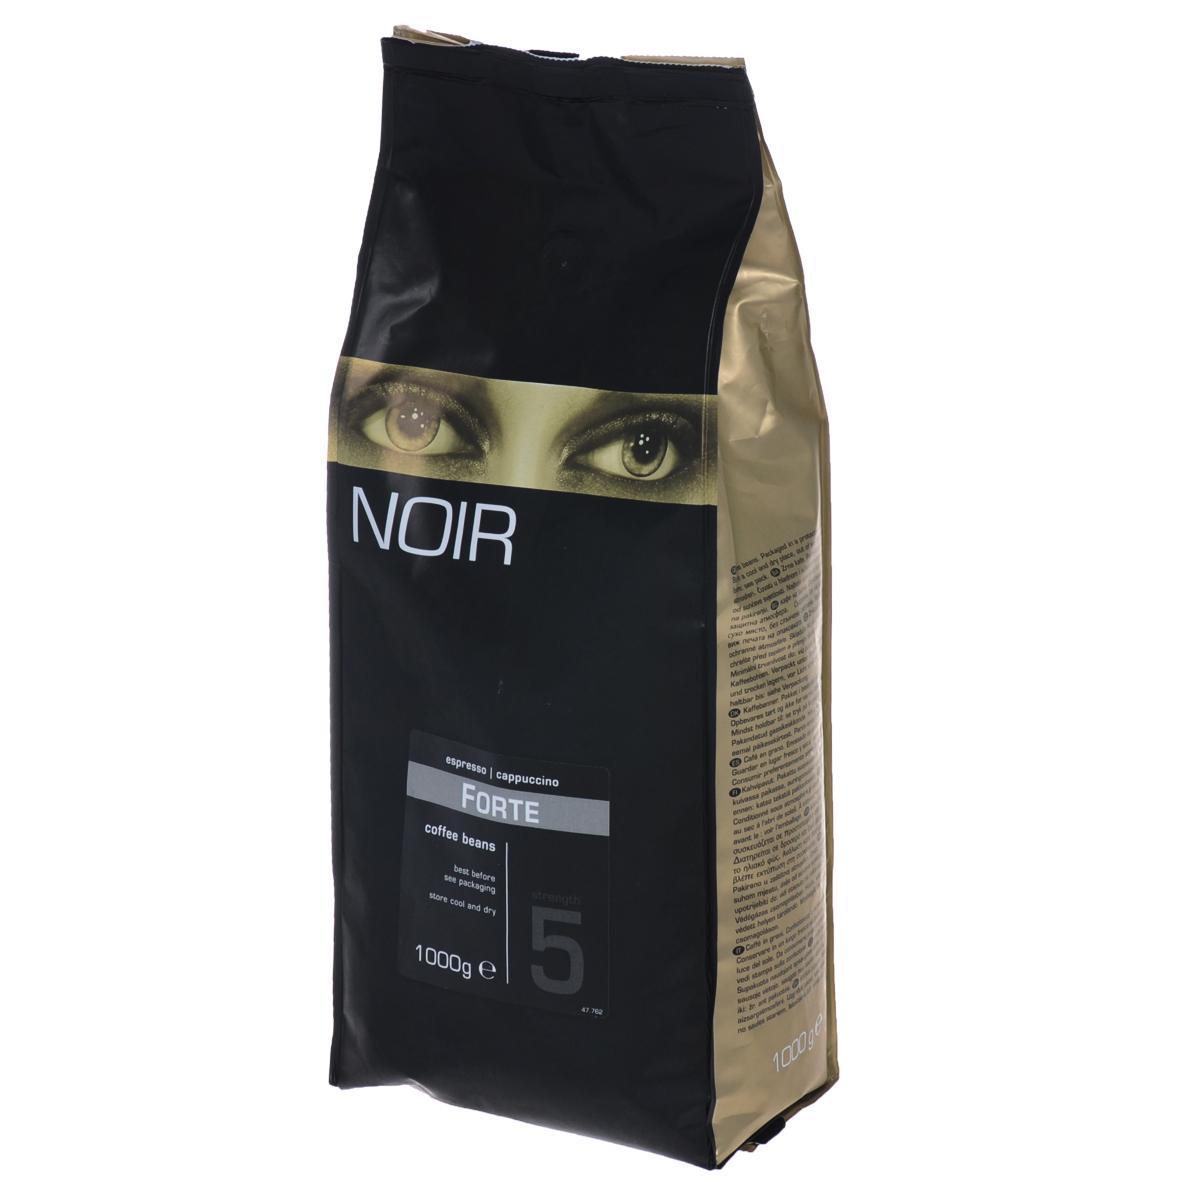 Noir Forte кофе в зернах, 1 кг0120710Кофе натуральный жареный в зернах Noir Forte - это качественный и крепкий напиток, который отличается пряным ароматом и насыщенным вкусом со сливочным оттенком. Данная кофейная смесь на 20% состоит из отборной Арабики и на 80% из Робусты. Большое количество Робусты обеспечивает воздушную шапку пены при приготовлении эспрессо. Мощный и будоражащий вкус кофе Noir Forte прекрасно подходит для тех кофеманов, которые не могут проснуться по утрам.